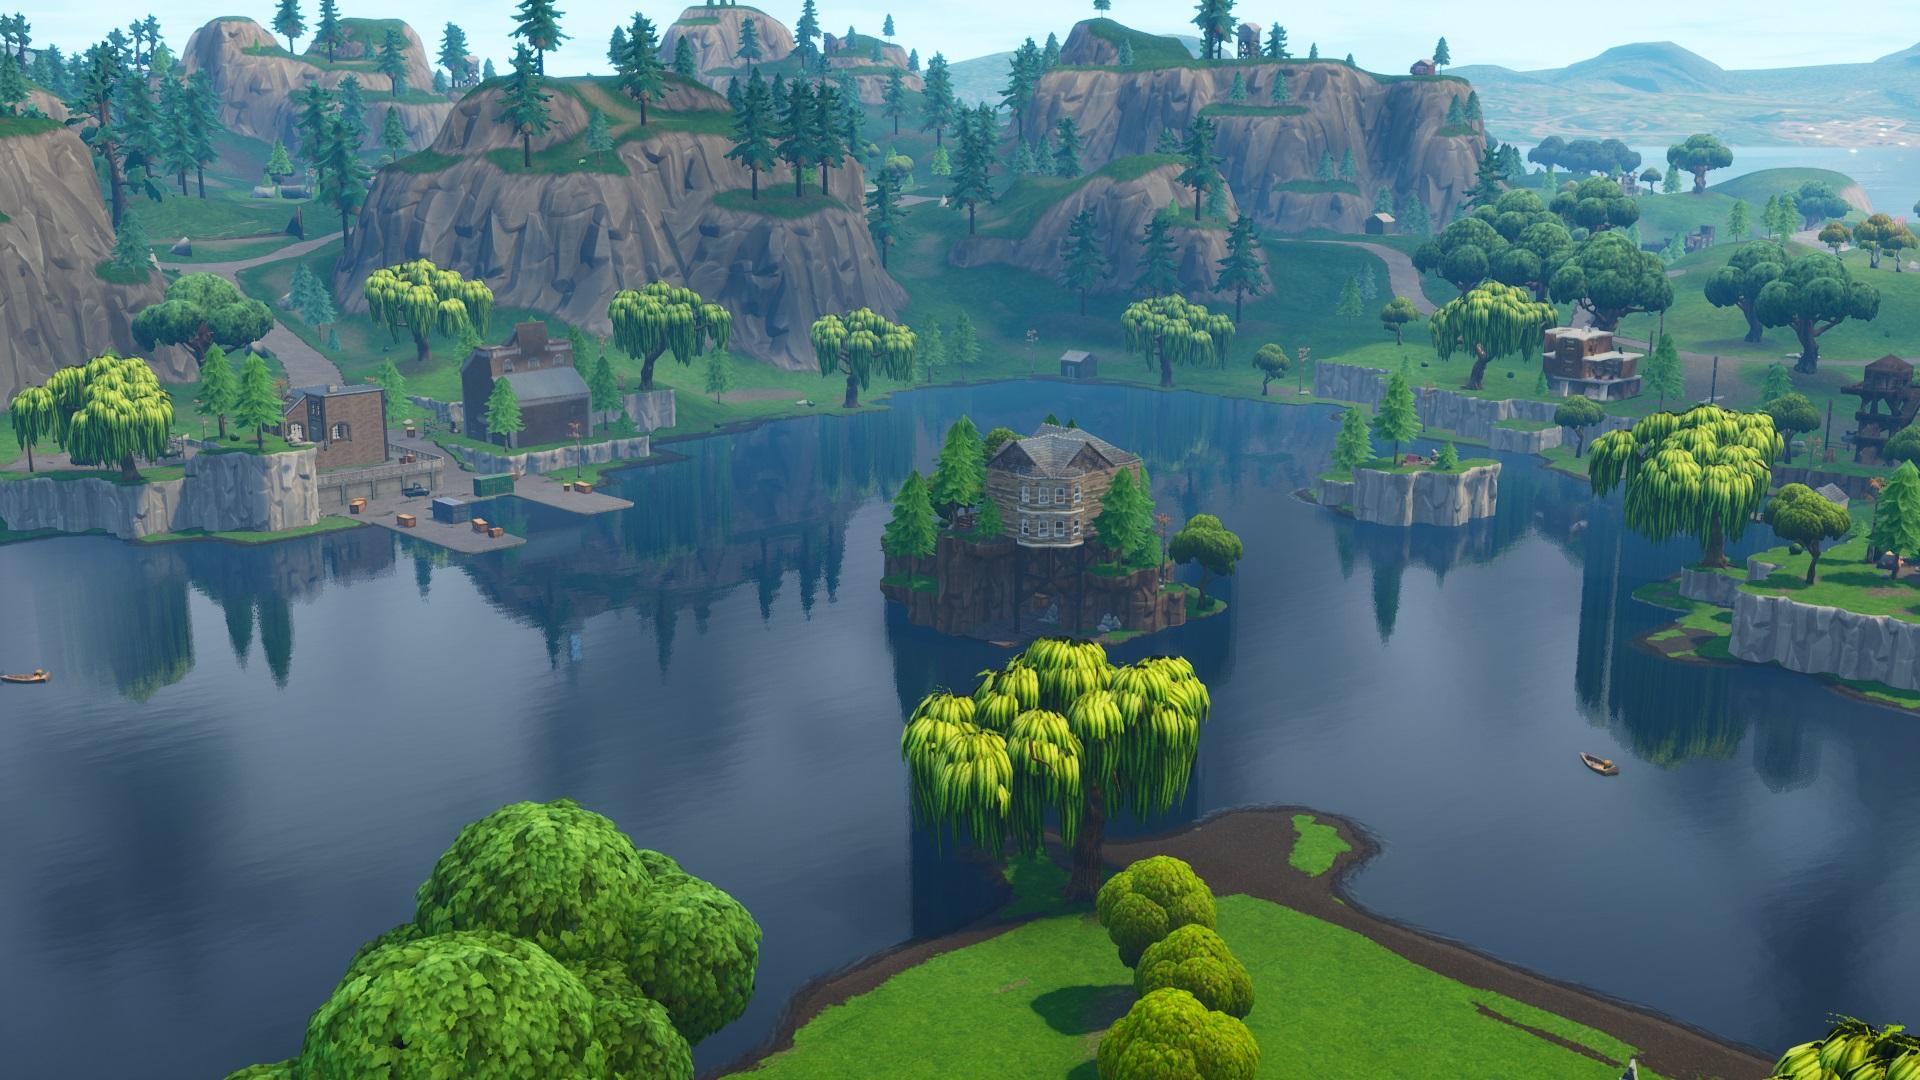 - fortnite update loot lake